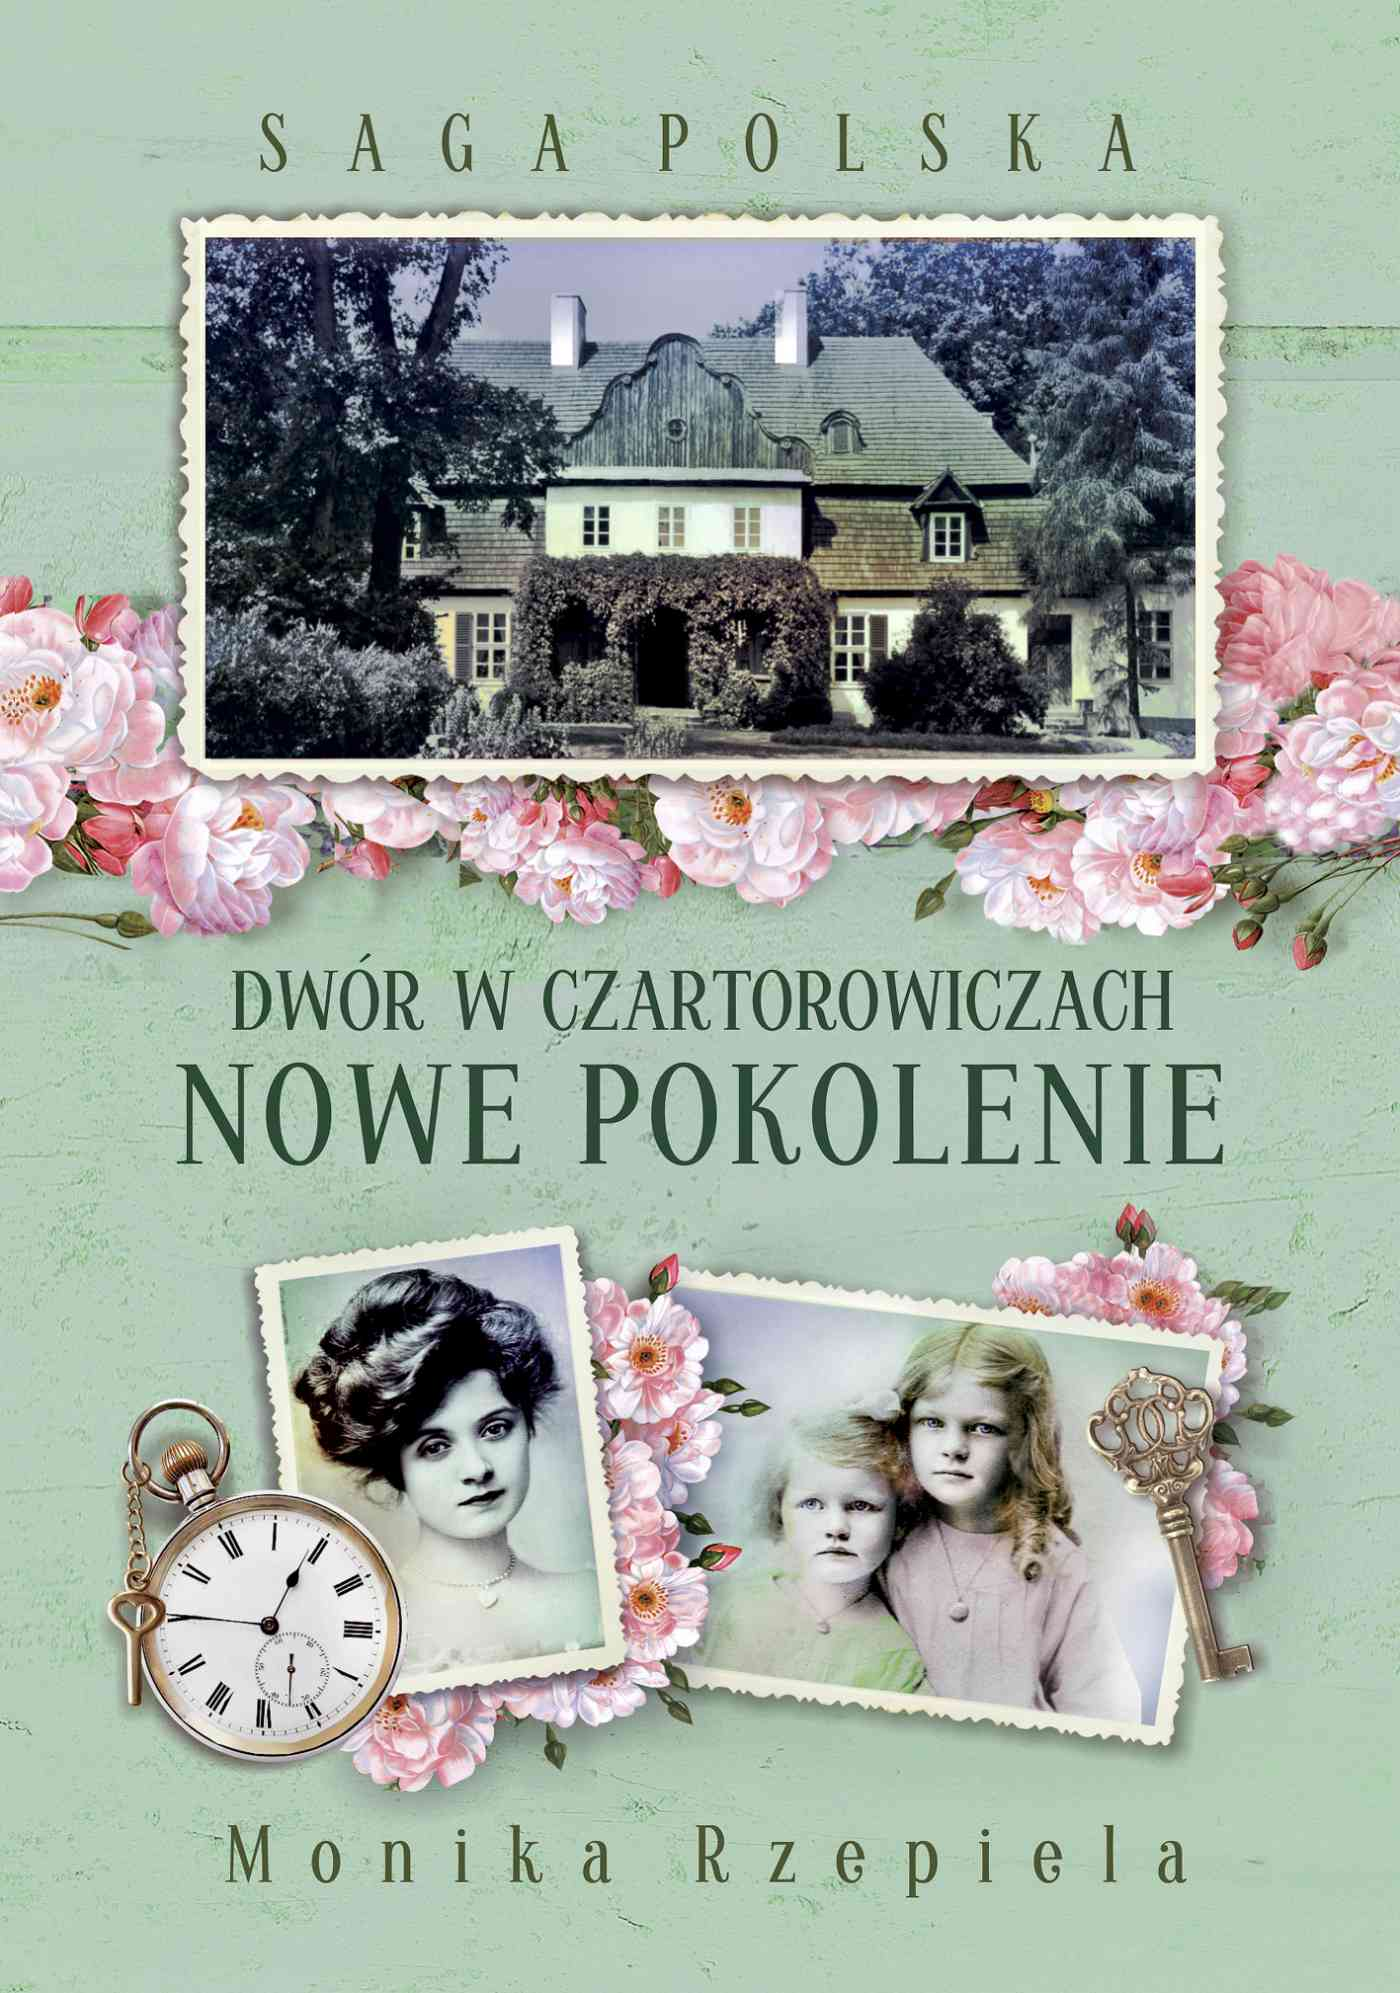 Dwór w Czartorowiczach. Nowe pokolenie - Ebook (Książka EPUB) do pobrania w formacie EPUB